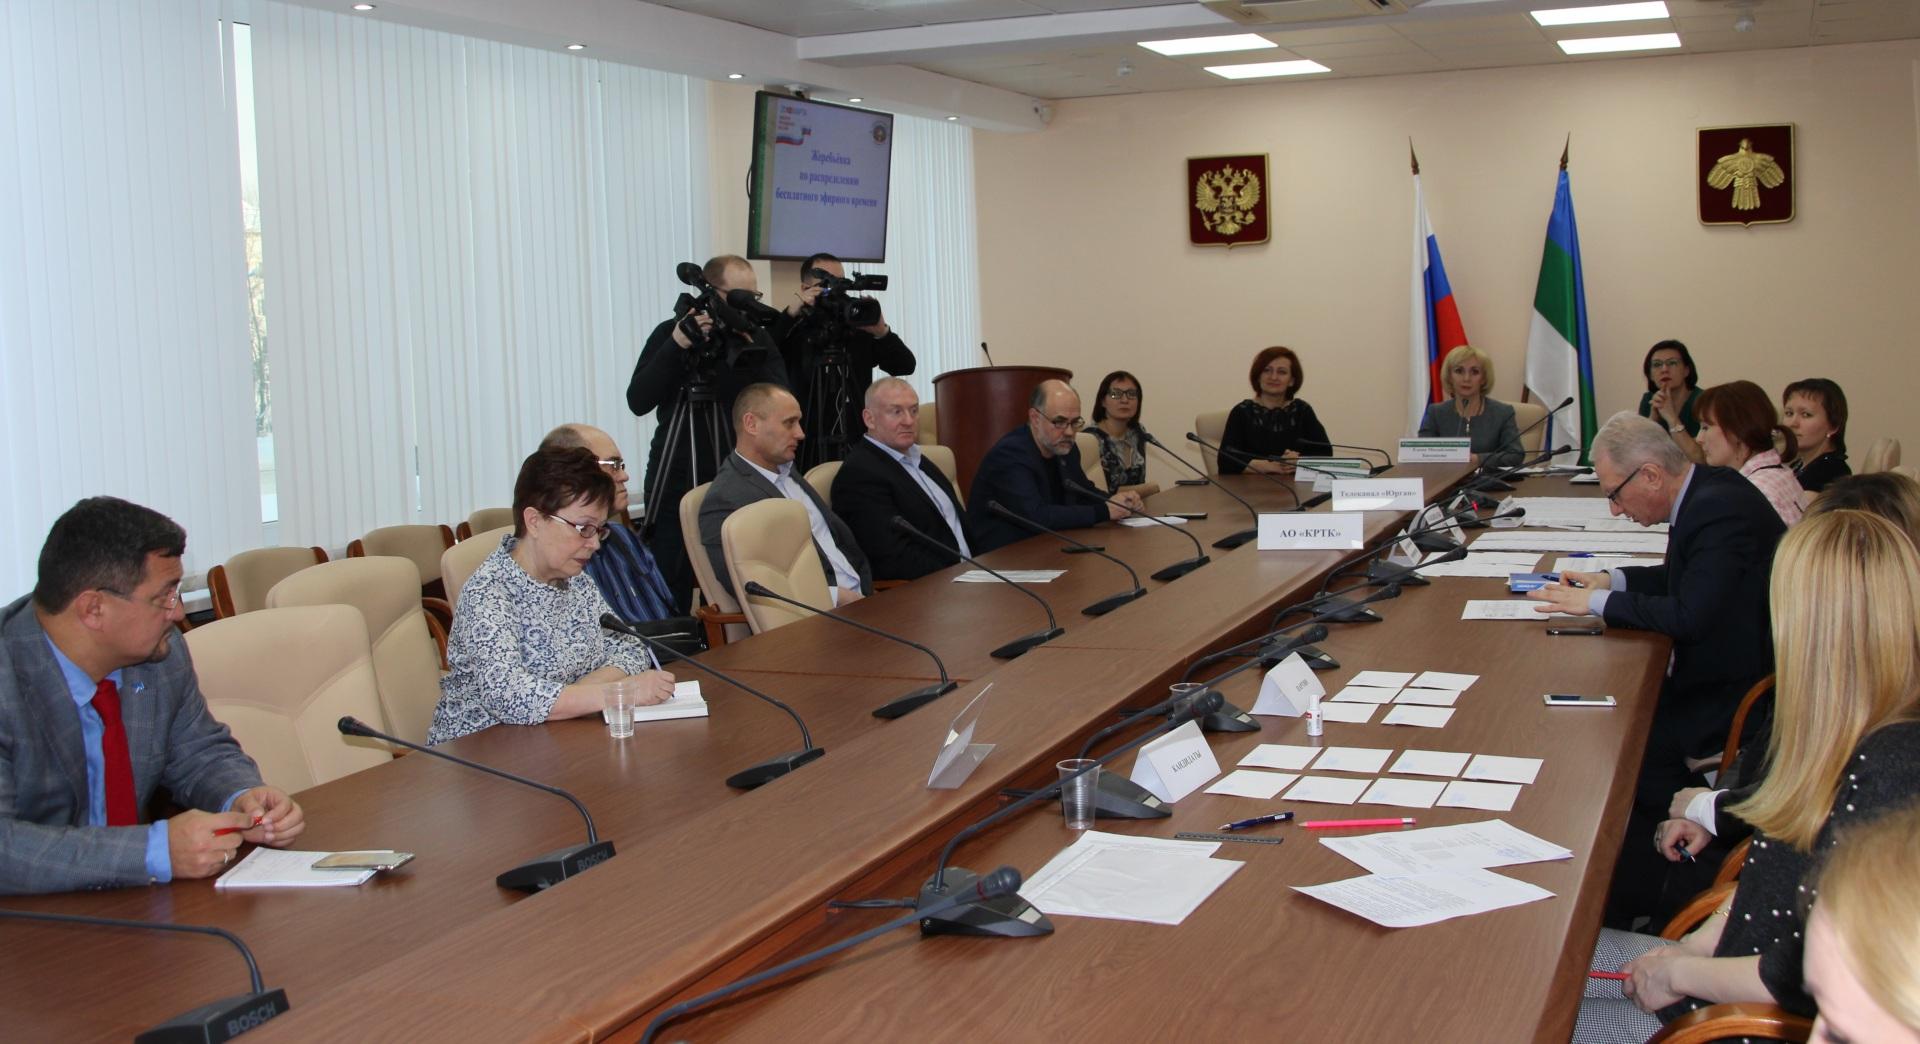 Избирком Коми провел жеребьевку по распределению бесплатного эфирного времени для предвыборной агитации